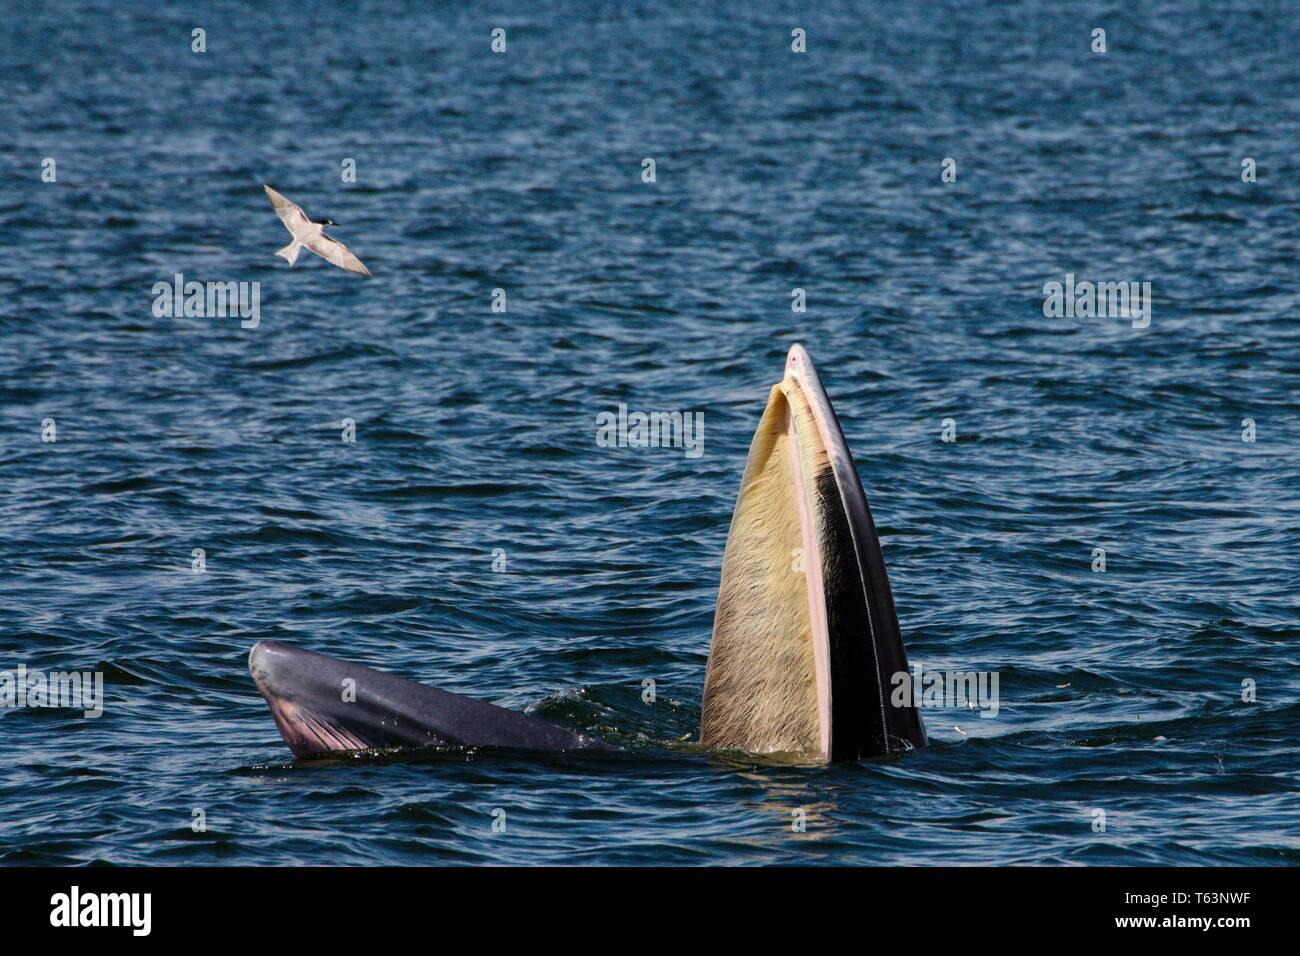 Ballena de bryde alimentándose en el mar. Los miembros de la familia de ballenas con barbas Foto de stock